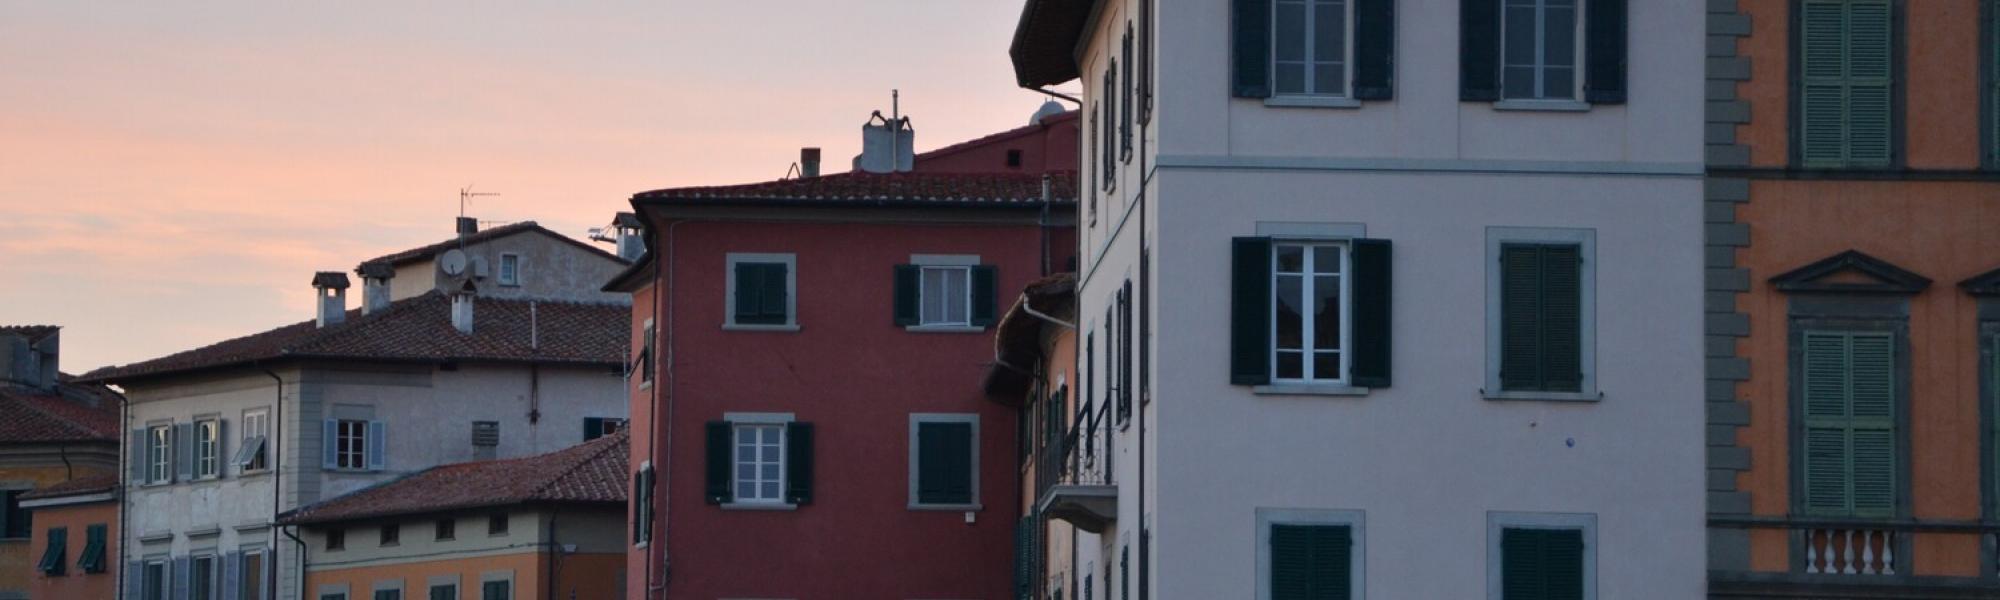 Veduta Piazza Carrara da lungarno Gamabacorti (L. Corevi, Comune di Pisa)